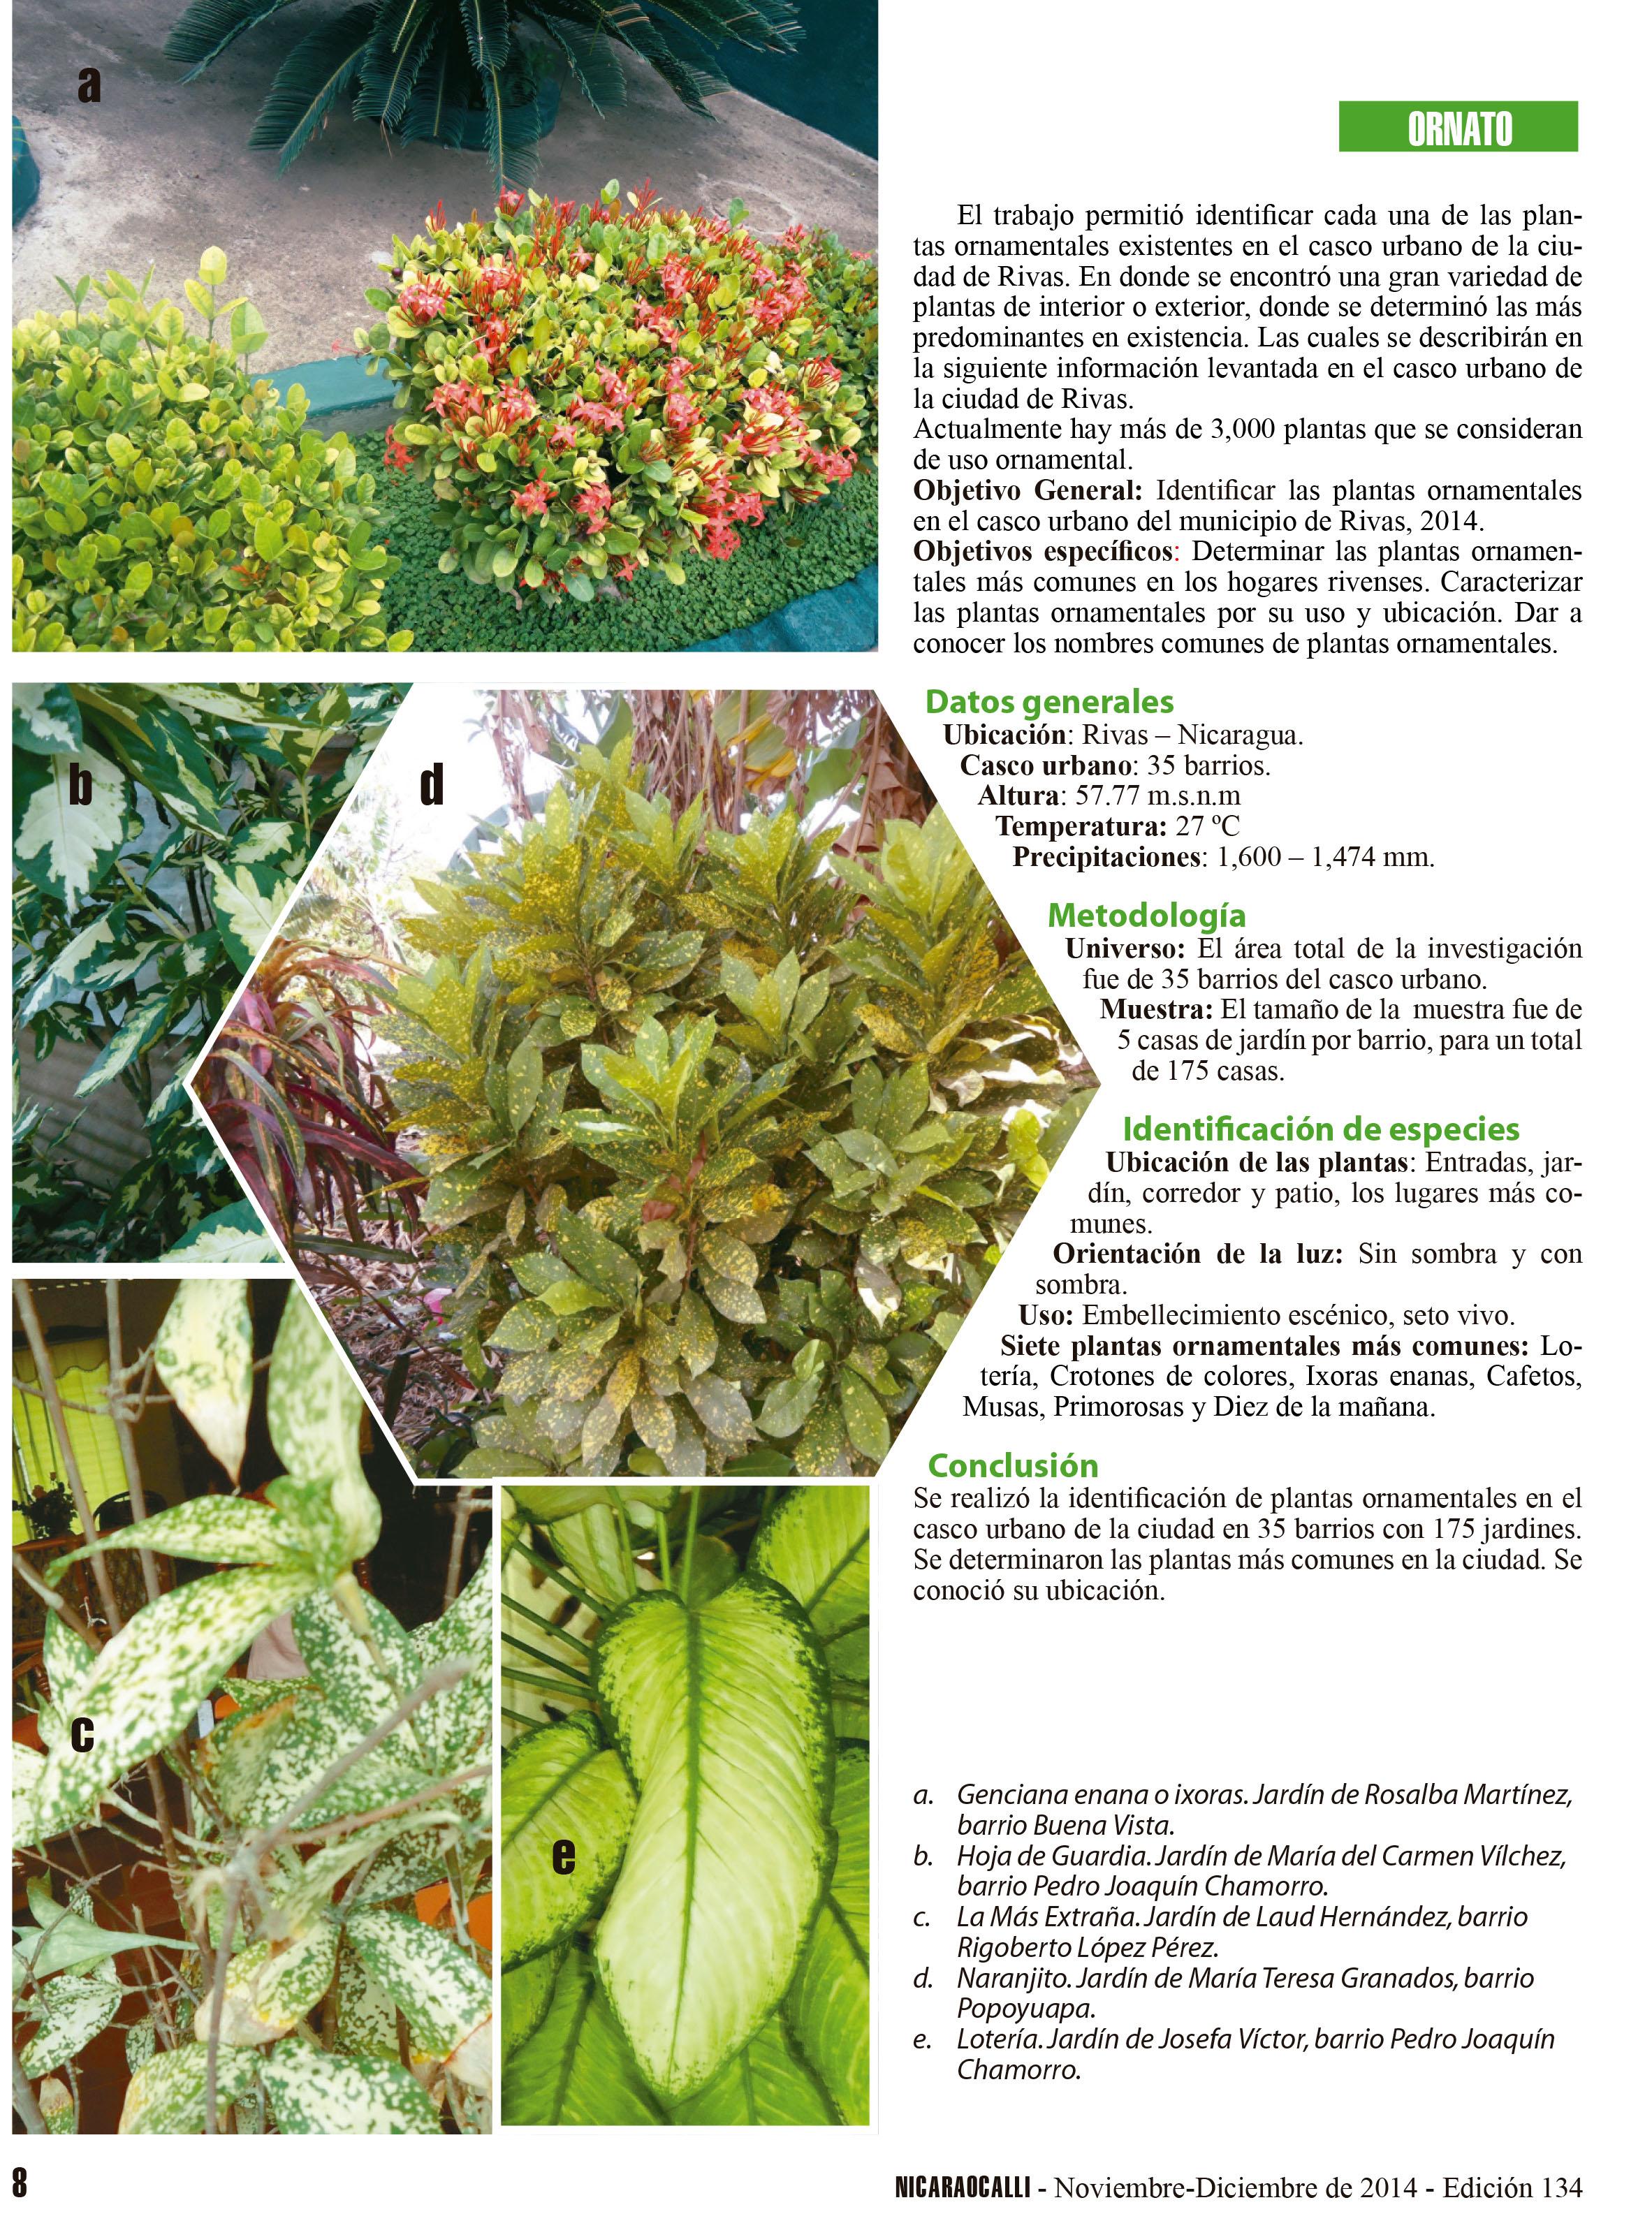 Plantas ornamentales en jardines urbanos nicaraocalli for 2 plantas ornamentales